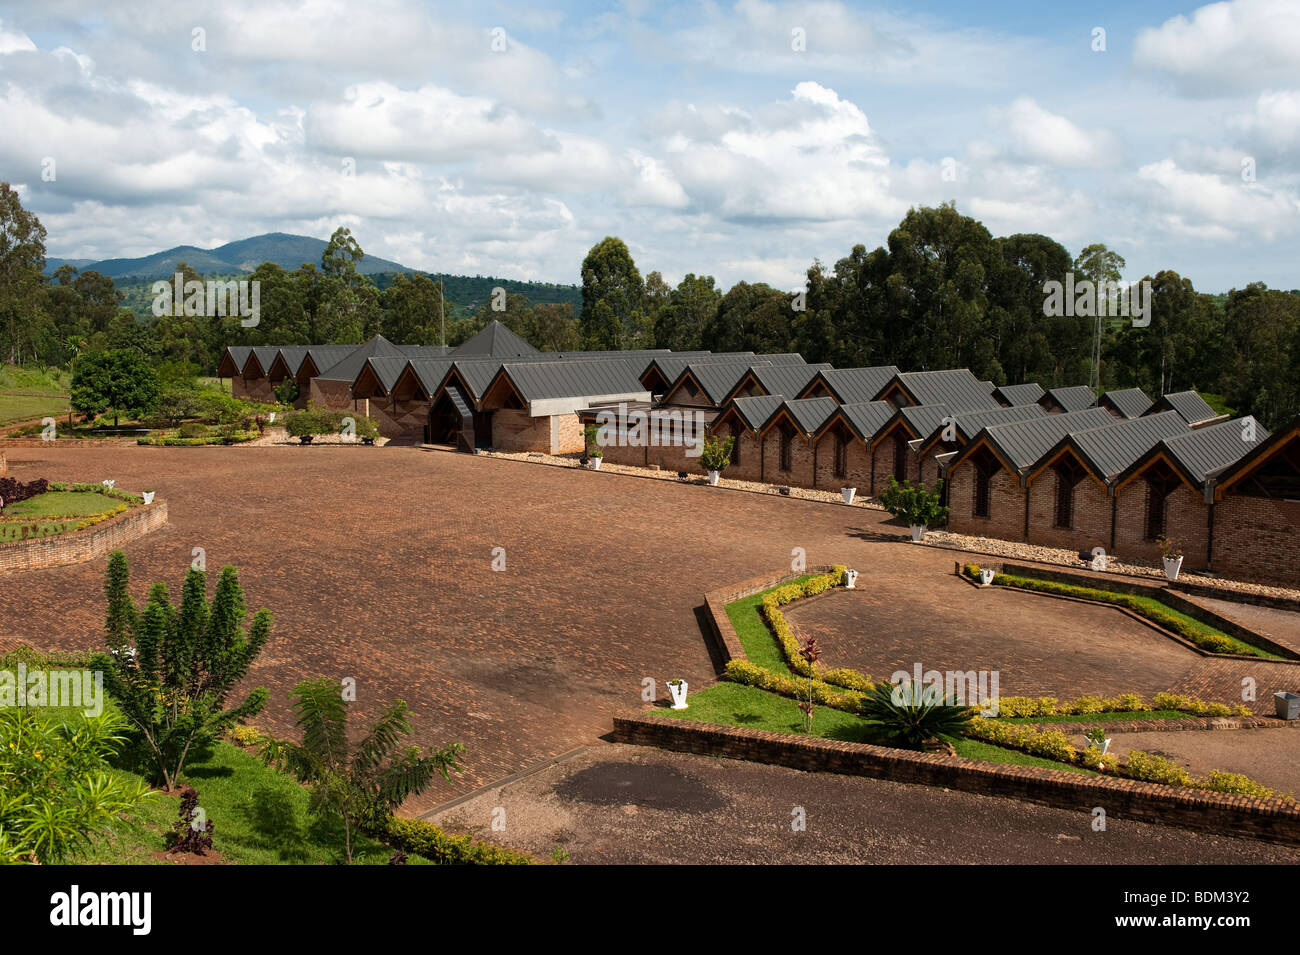 National museum, Butare, Rwanda - Stock Image